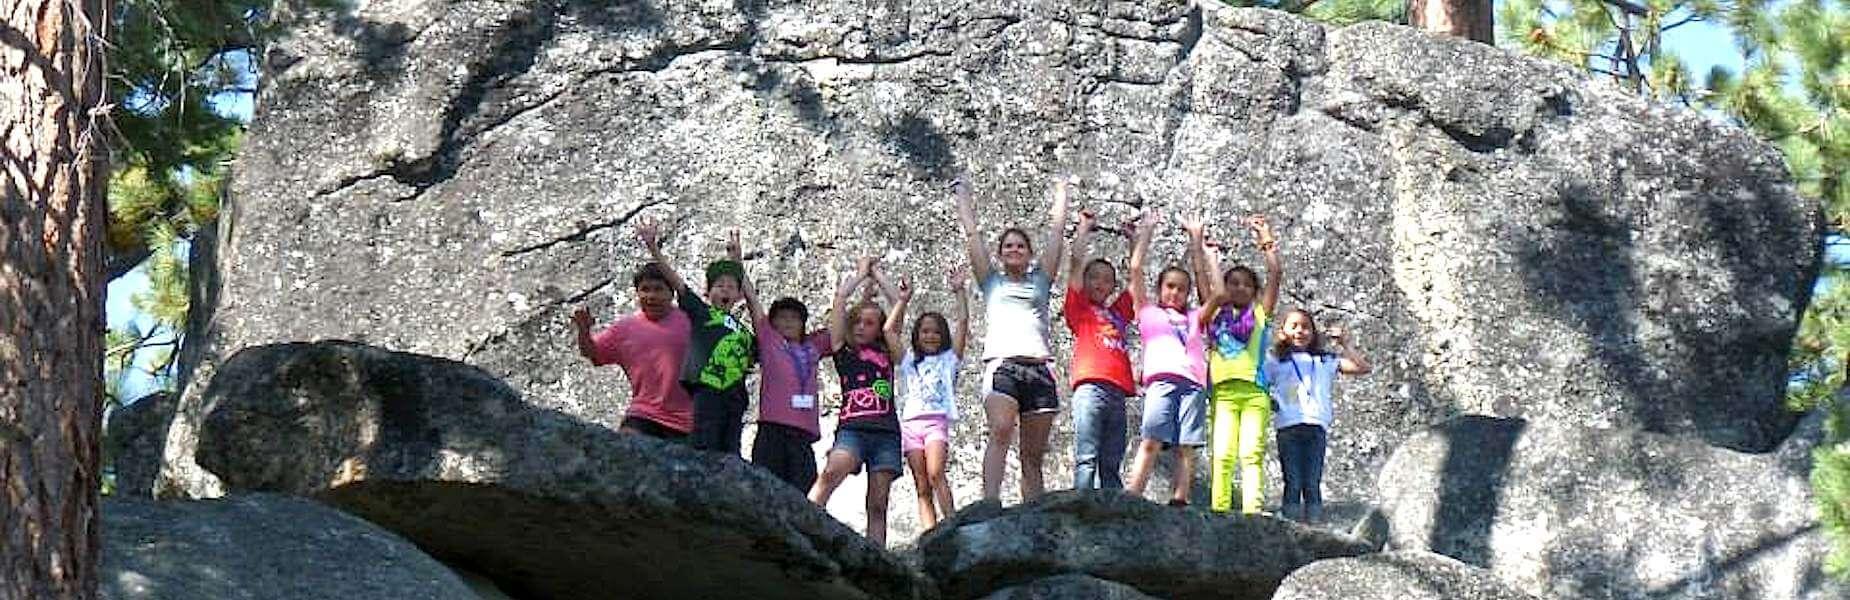 bgclt-lake-tahoe-bug-camp-1